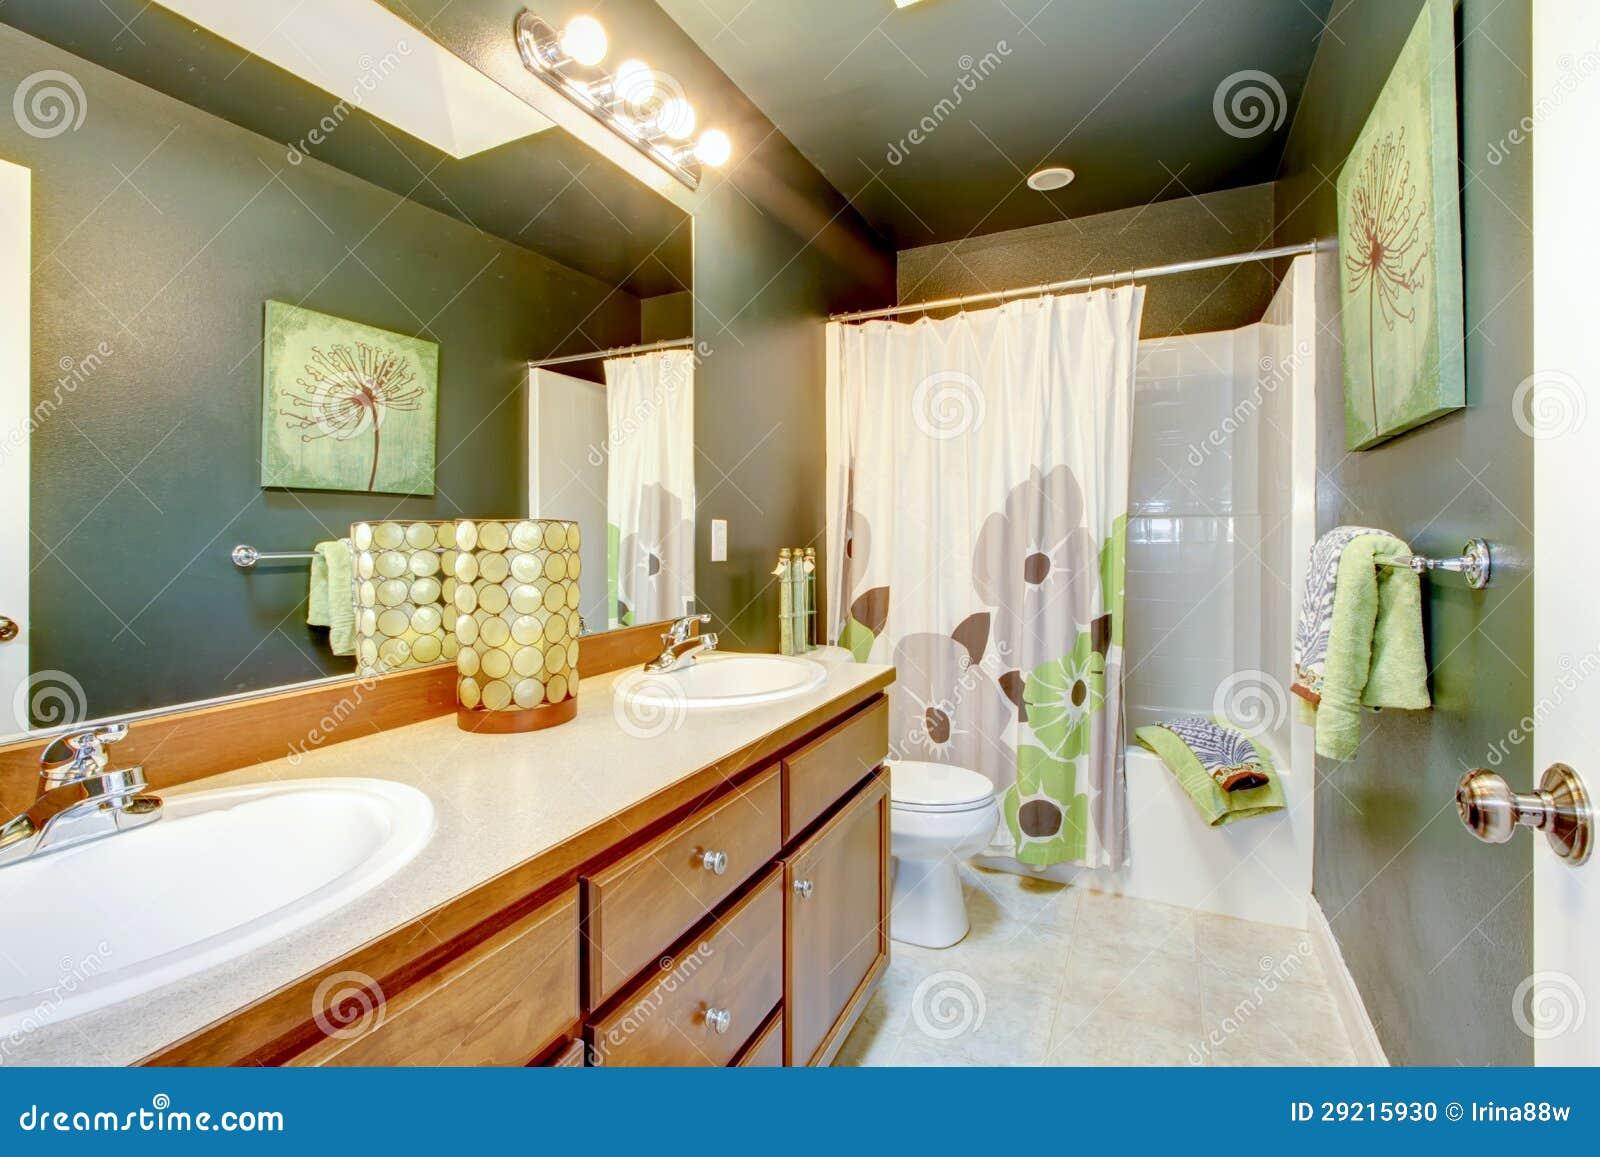 Banheiro Verde Com Gabinete E A Cuba De Madeira Do Chuveiro Foto de Stock   -> Cuba Para Banheiro Verde